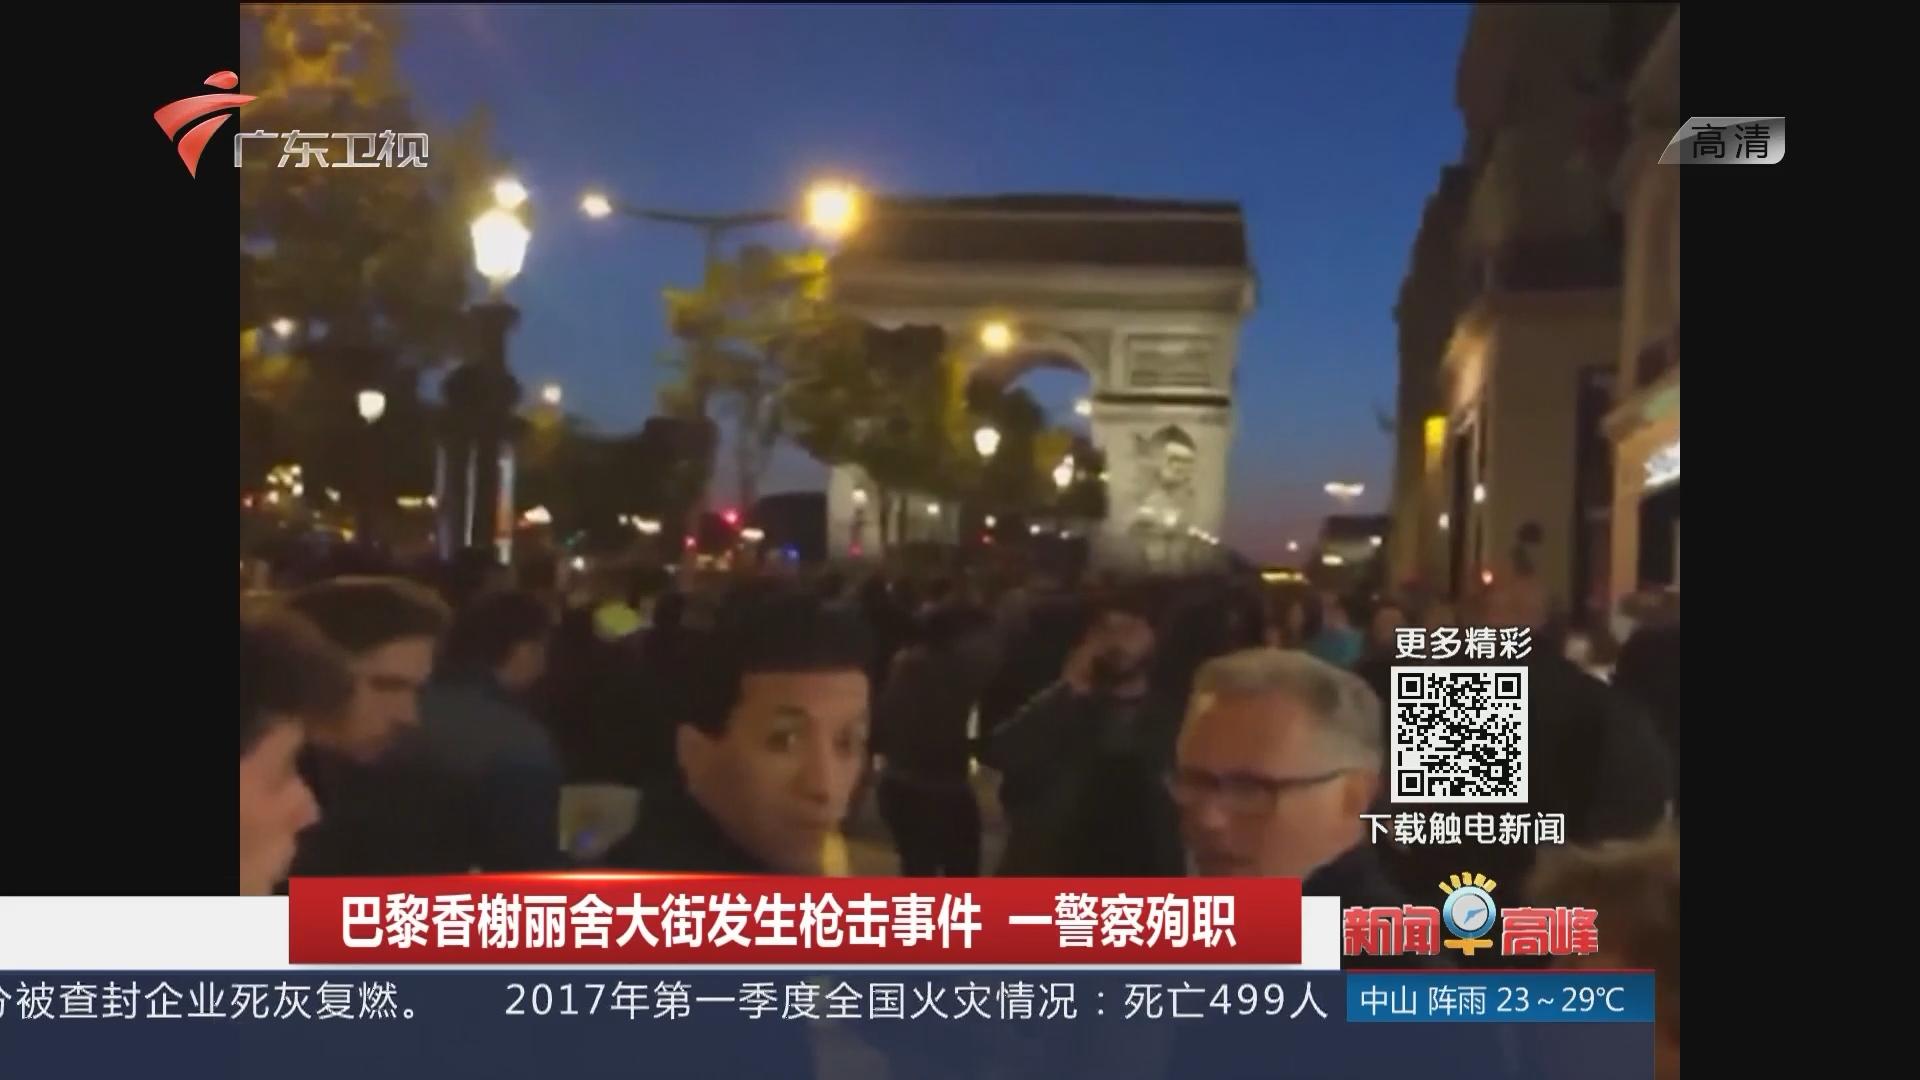 巴黎香榭丽舍大街发生枪击事件 一警察殉职